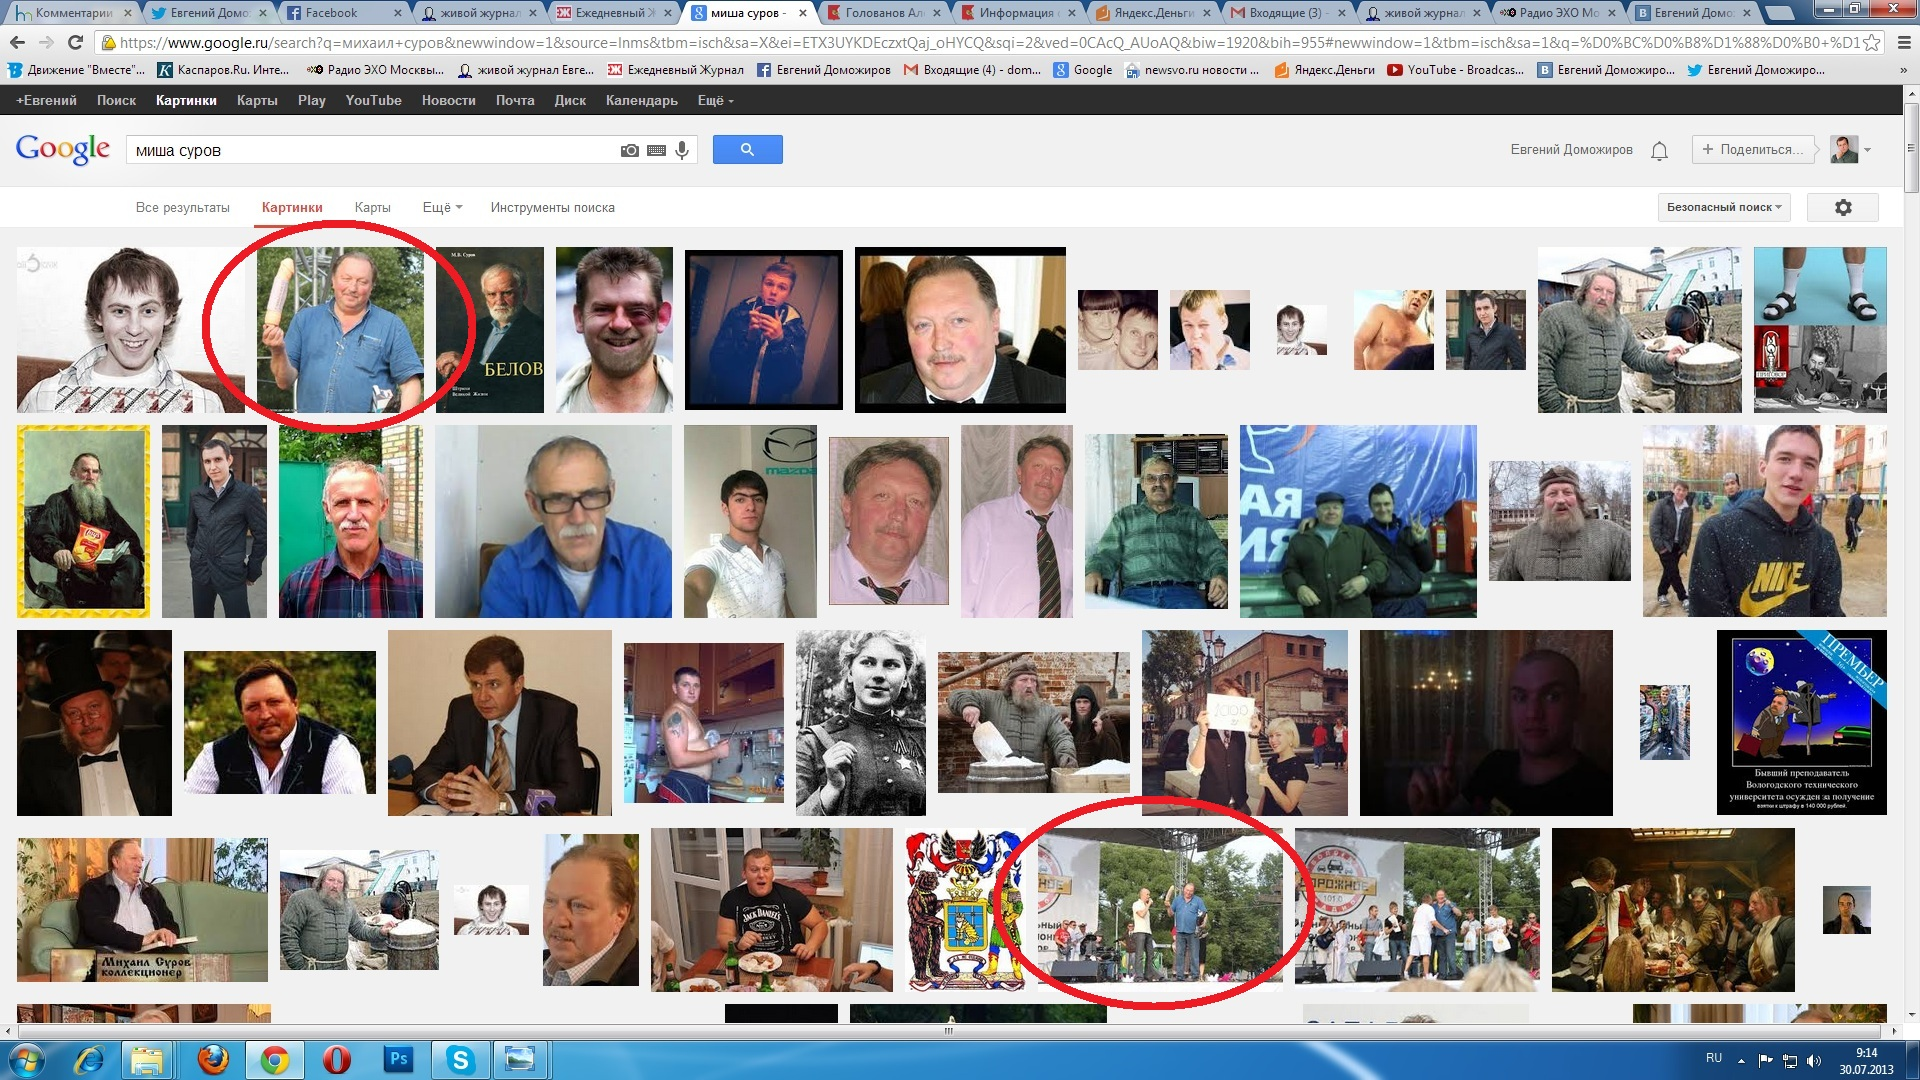 Миша Суров в гугл-картинках